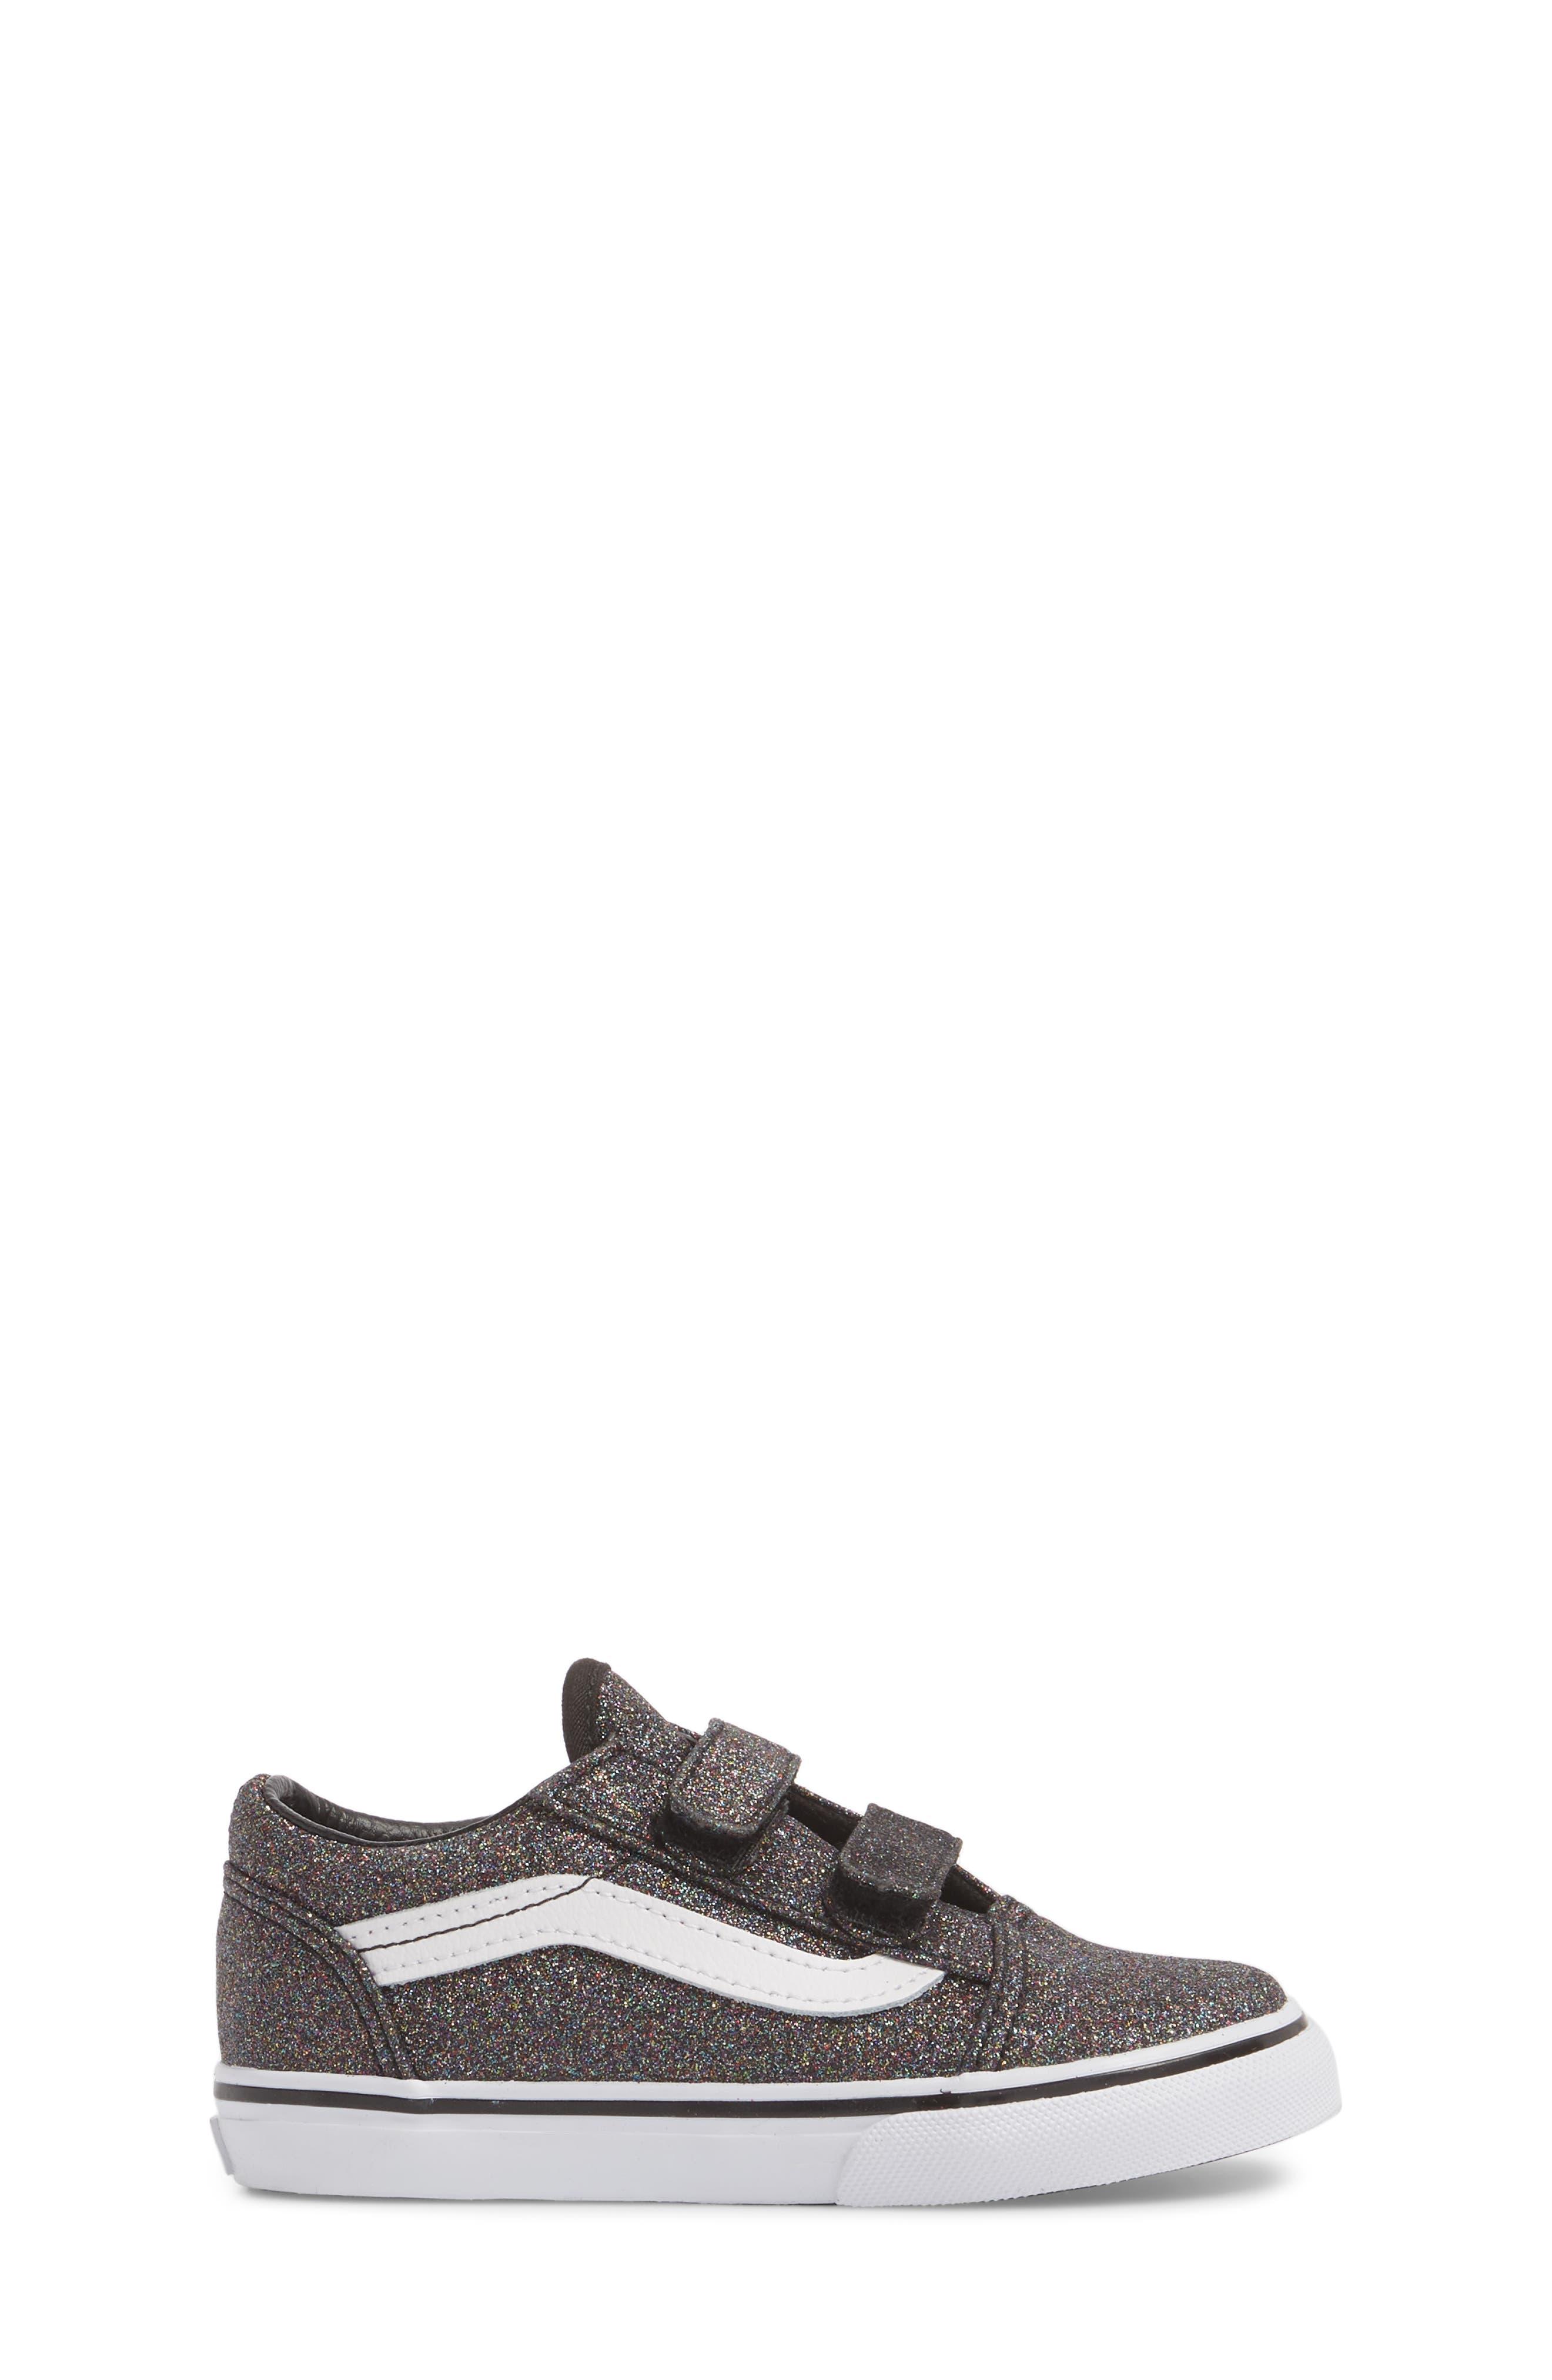 Old Skool V Glitter Sneaker,                             Alternate thumbnail 3, color,                             001